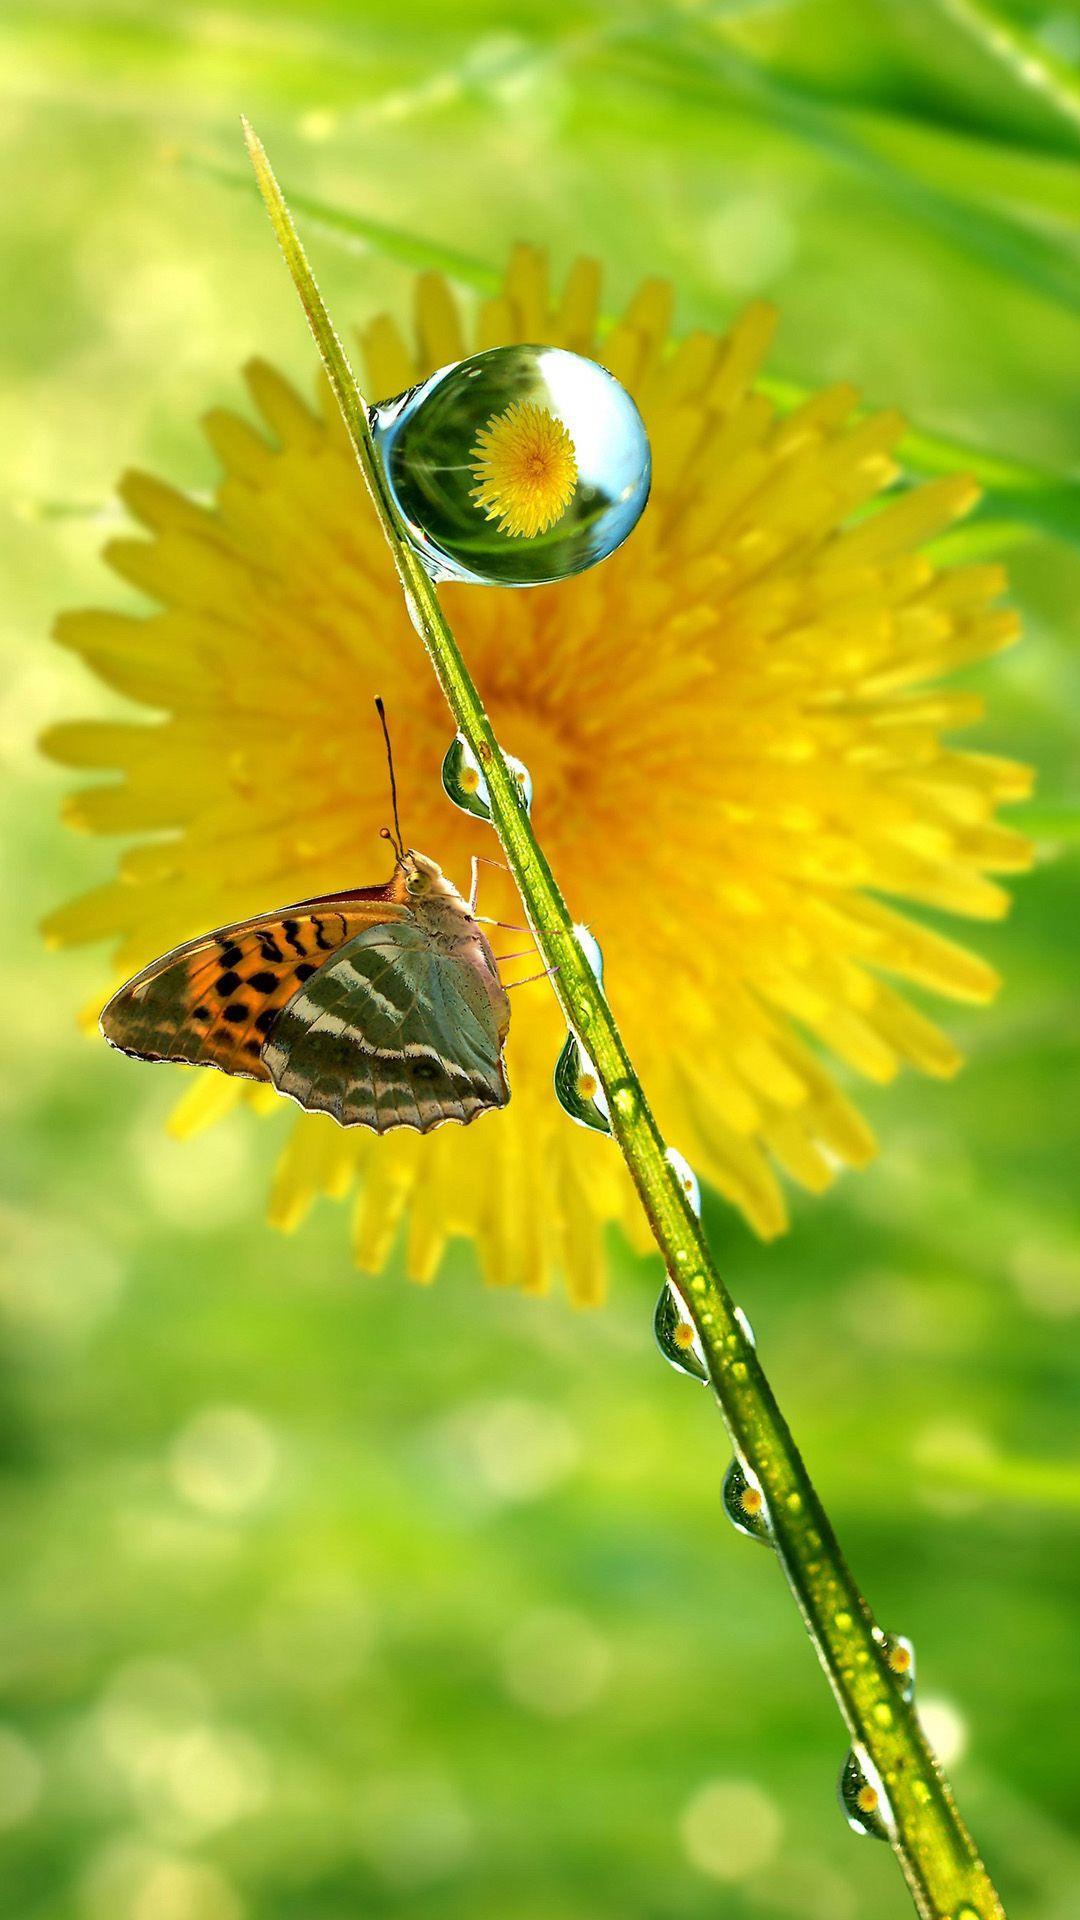 Hình nền con bướm 1080x1920 iPhone